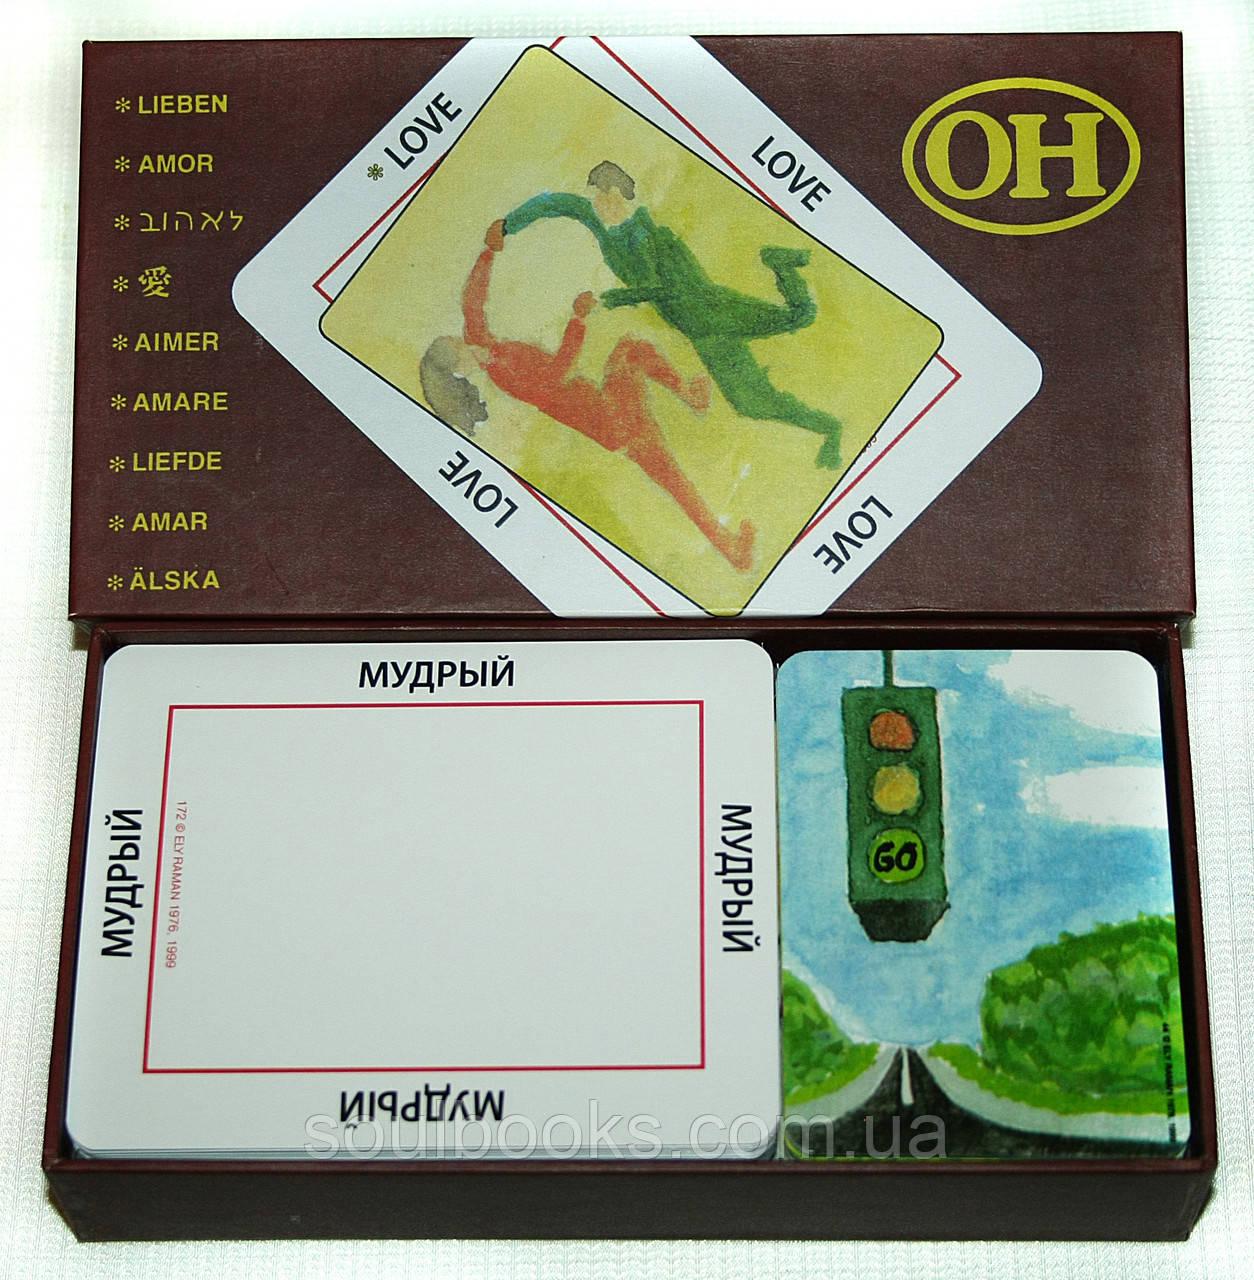 ОН (Ох) - Метафорические ассоциативные карты